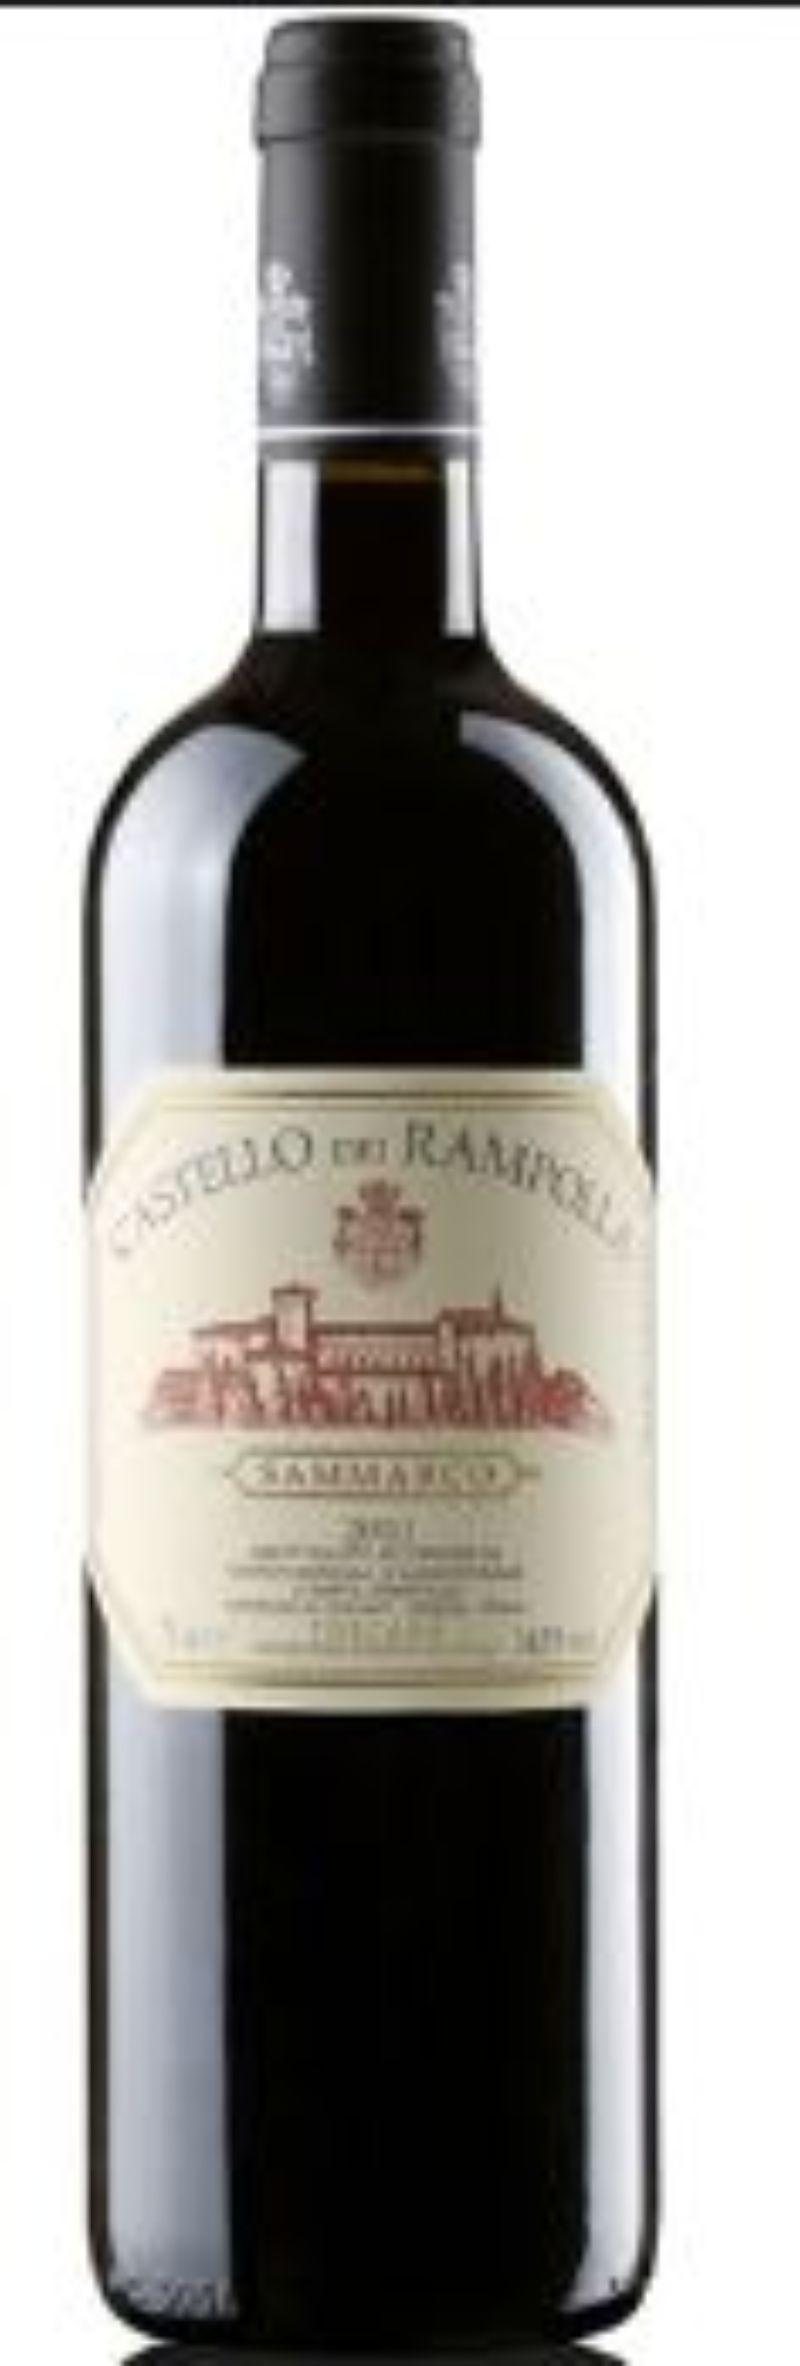 SAMMARCO-CASTELLO-DI-RAMPOLLA-1999-